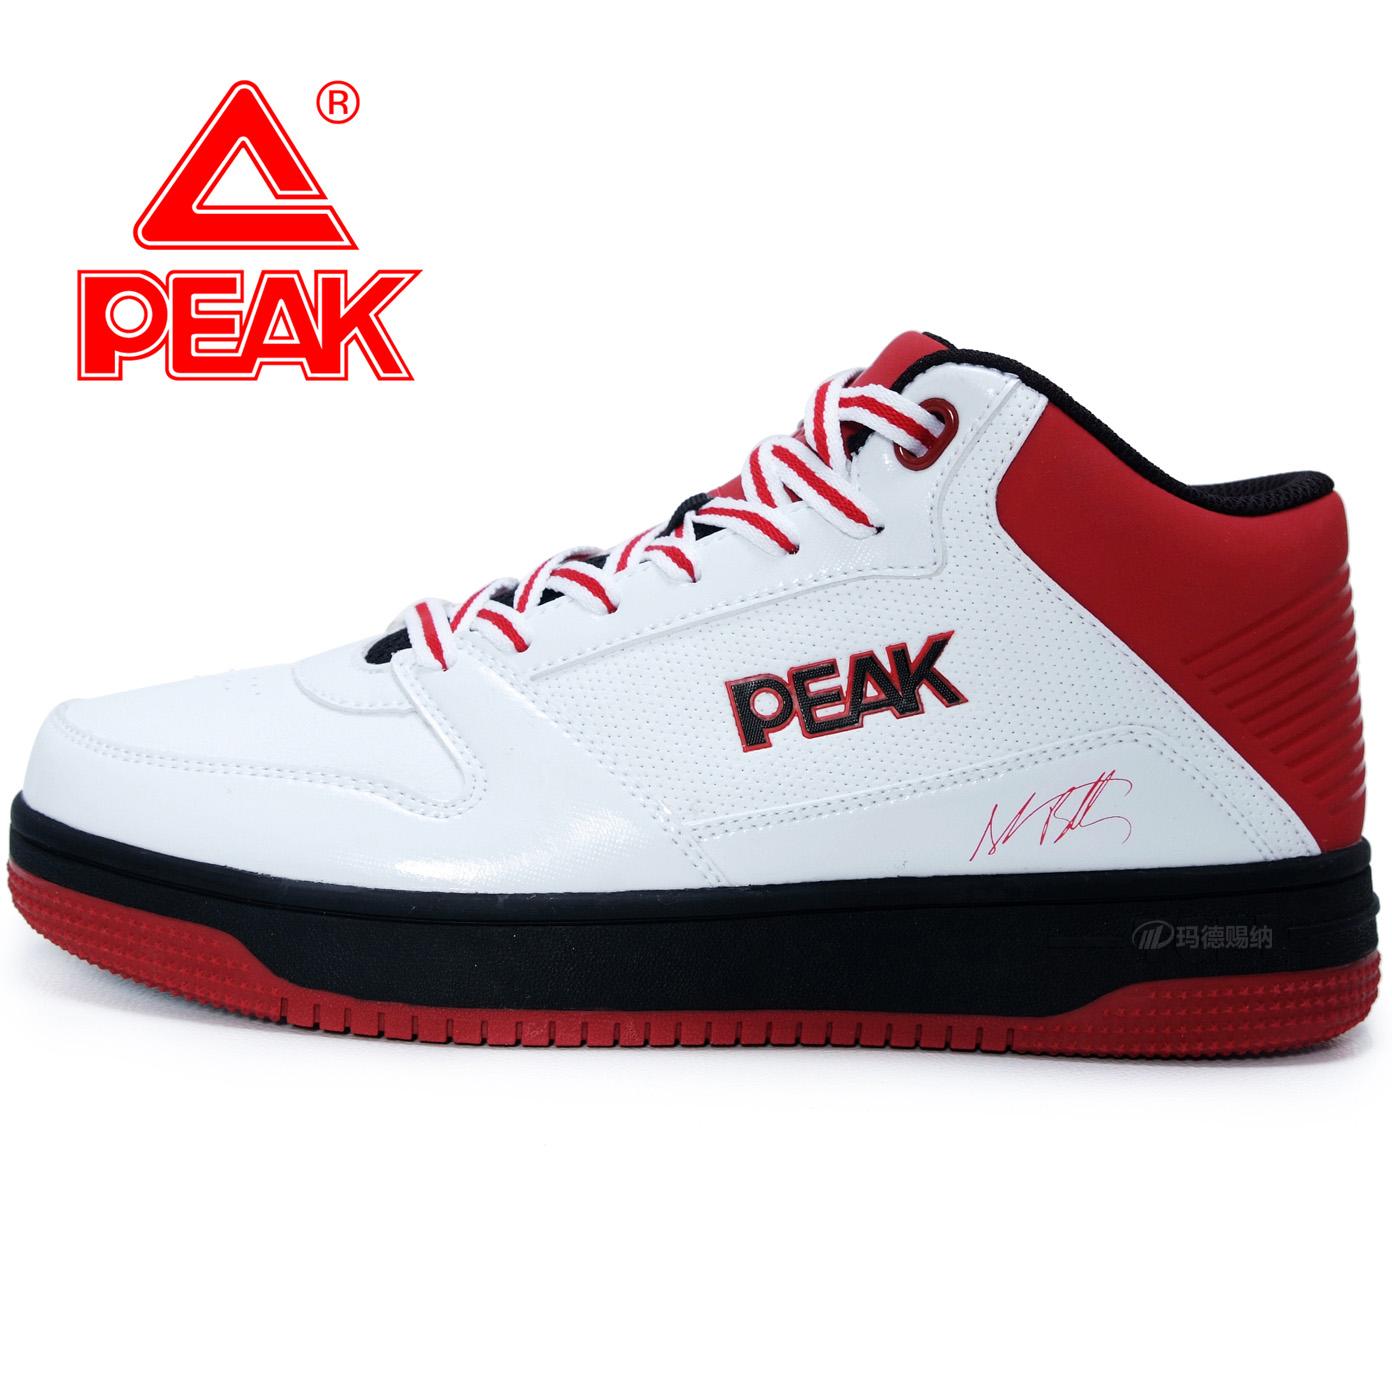 peak匹克篮球鞋男鞋正品 巴蒂尔篮球板鞋 2012新品运动鞋R11443B